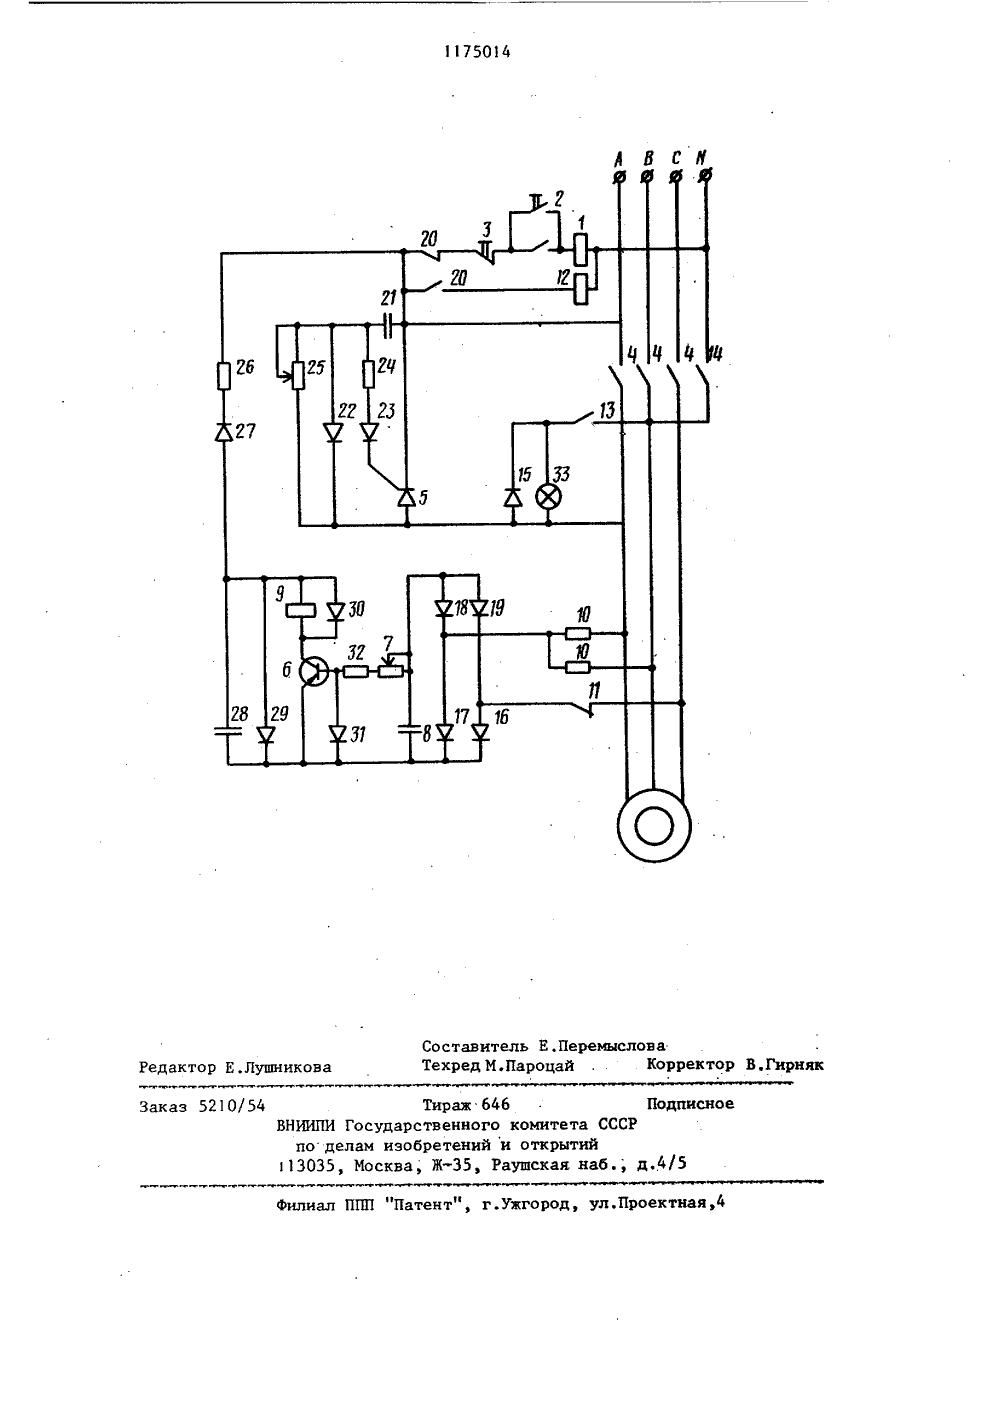 Асинхронный двигатель схема динамического торможения